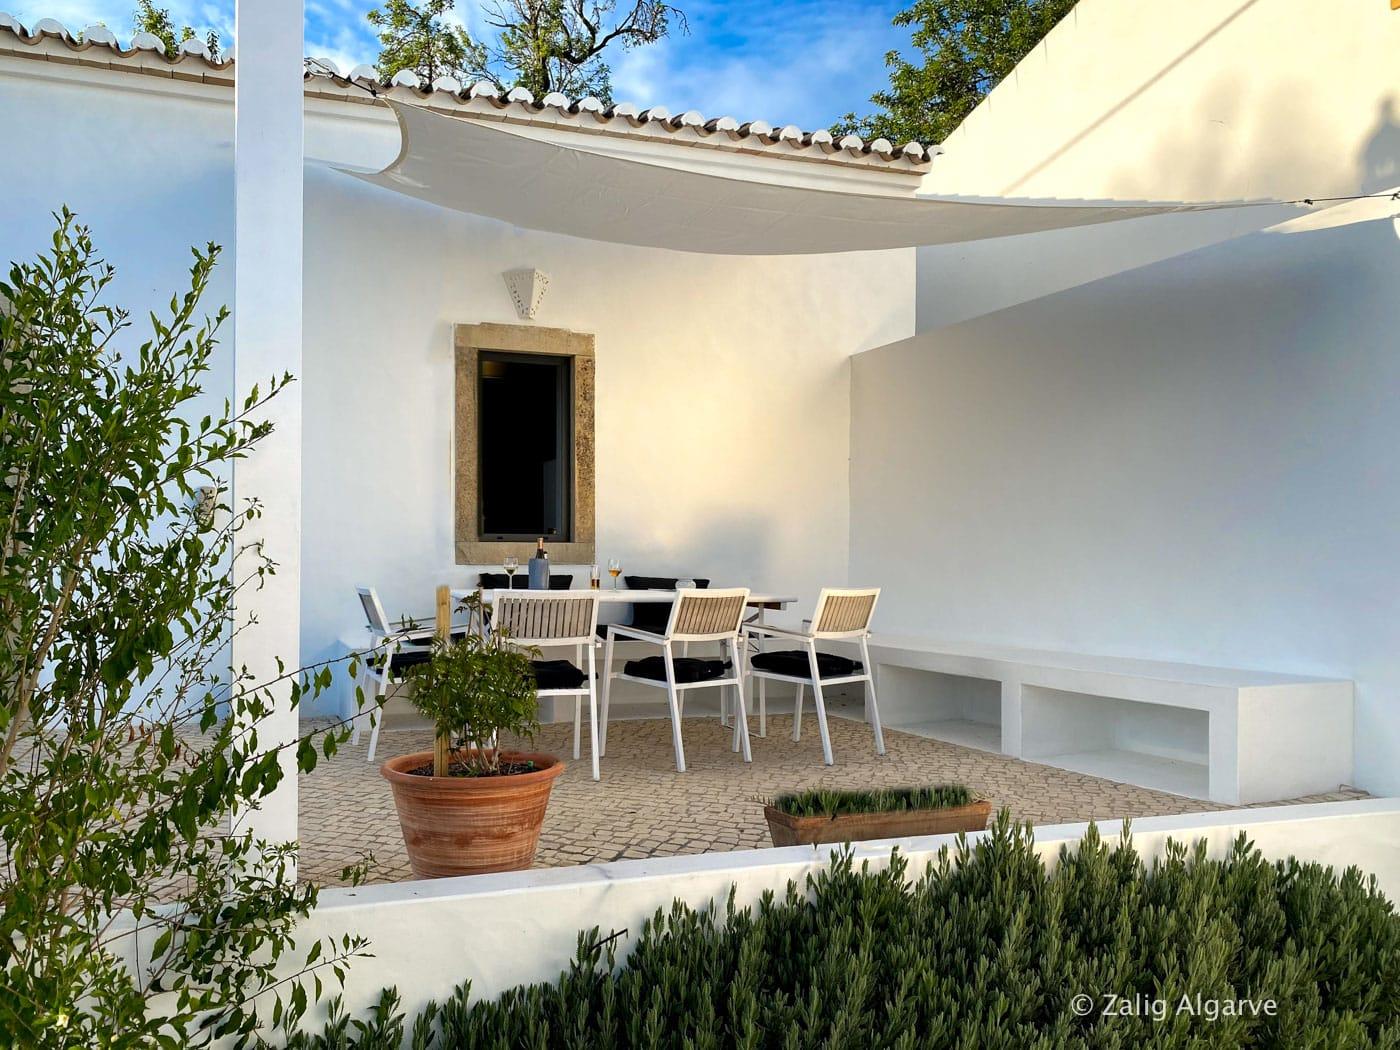 casa-linear-zalig-Algarve-13_1